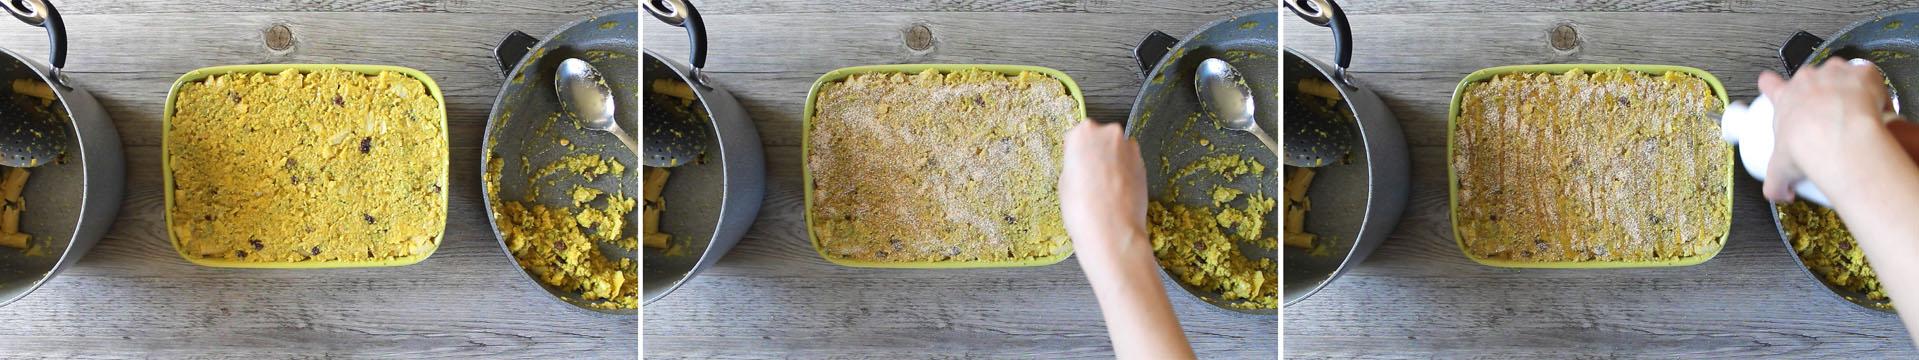 ricetta pasta broccoli arriminati alla siciliana